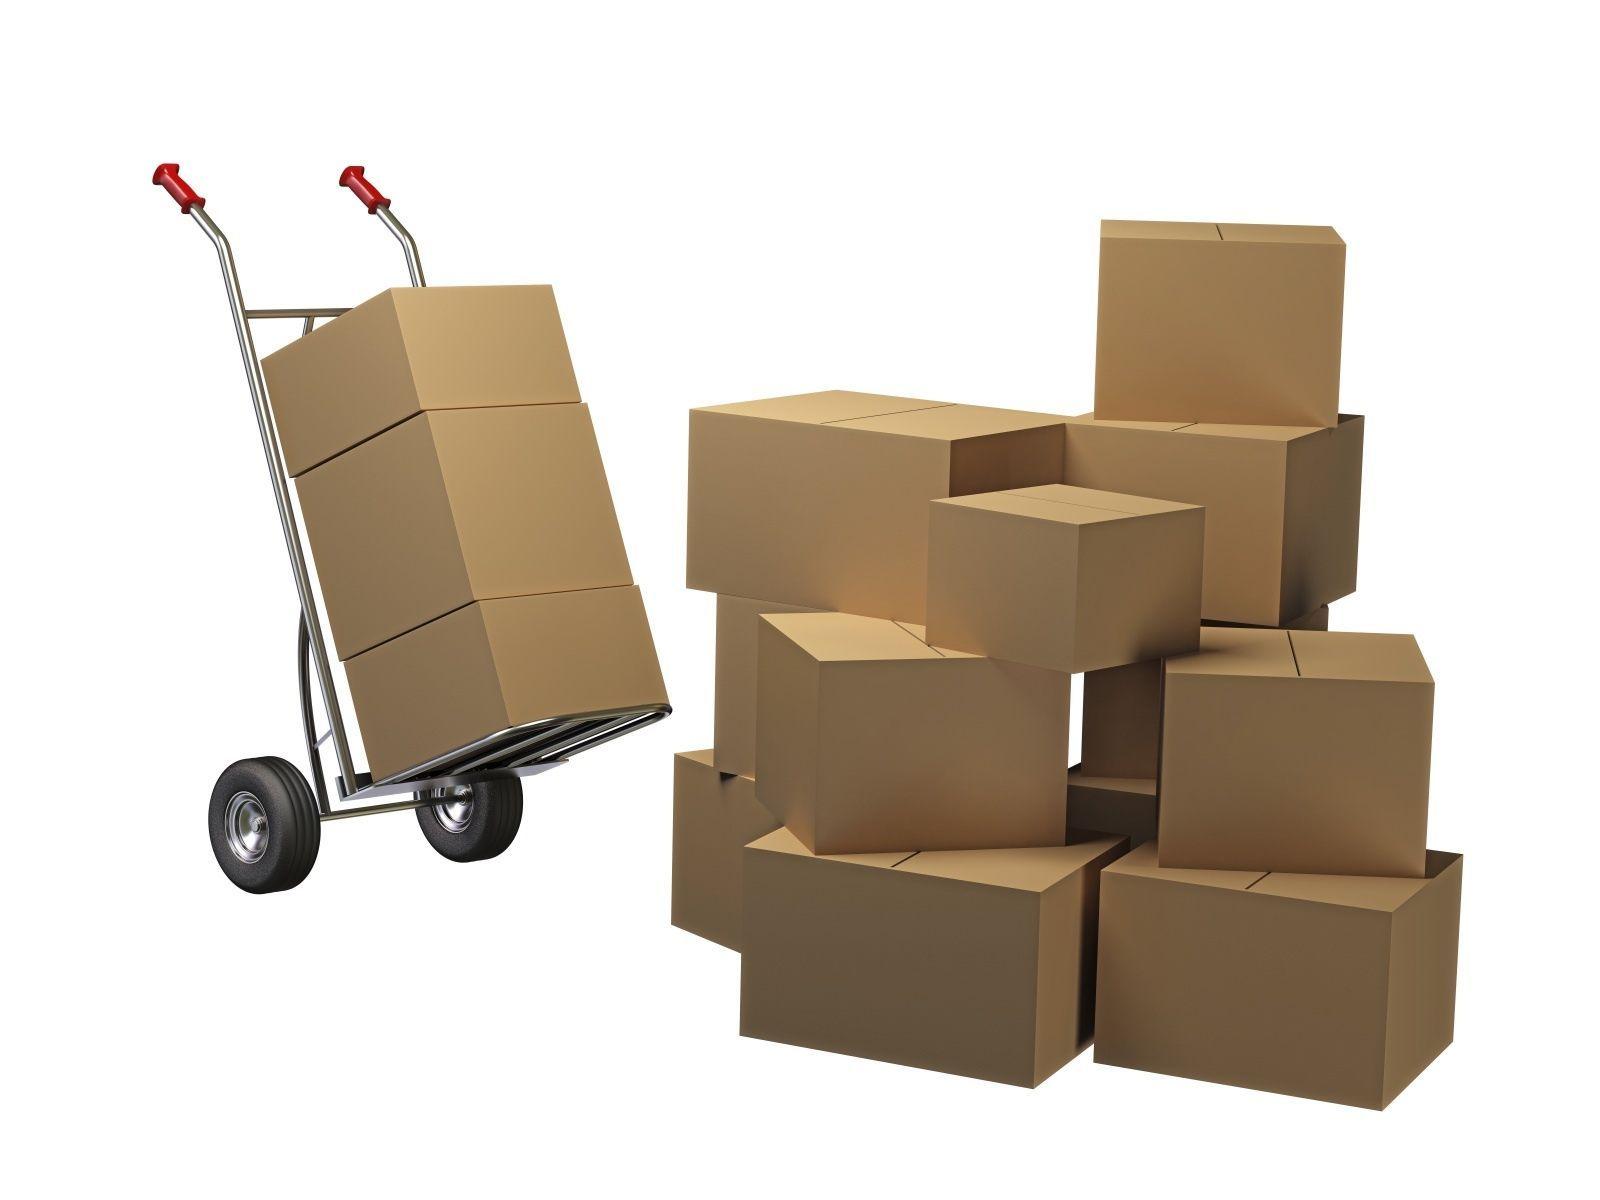 Nowoczesne wysyłanie paczek